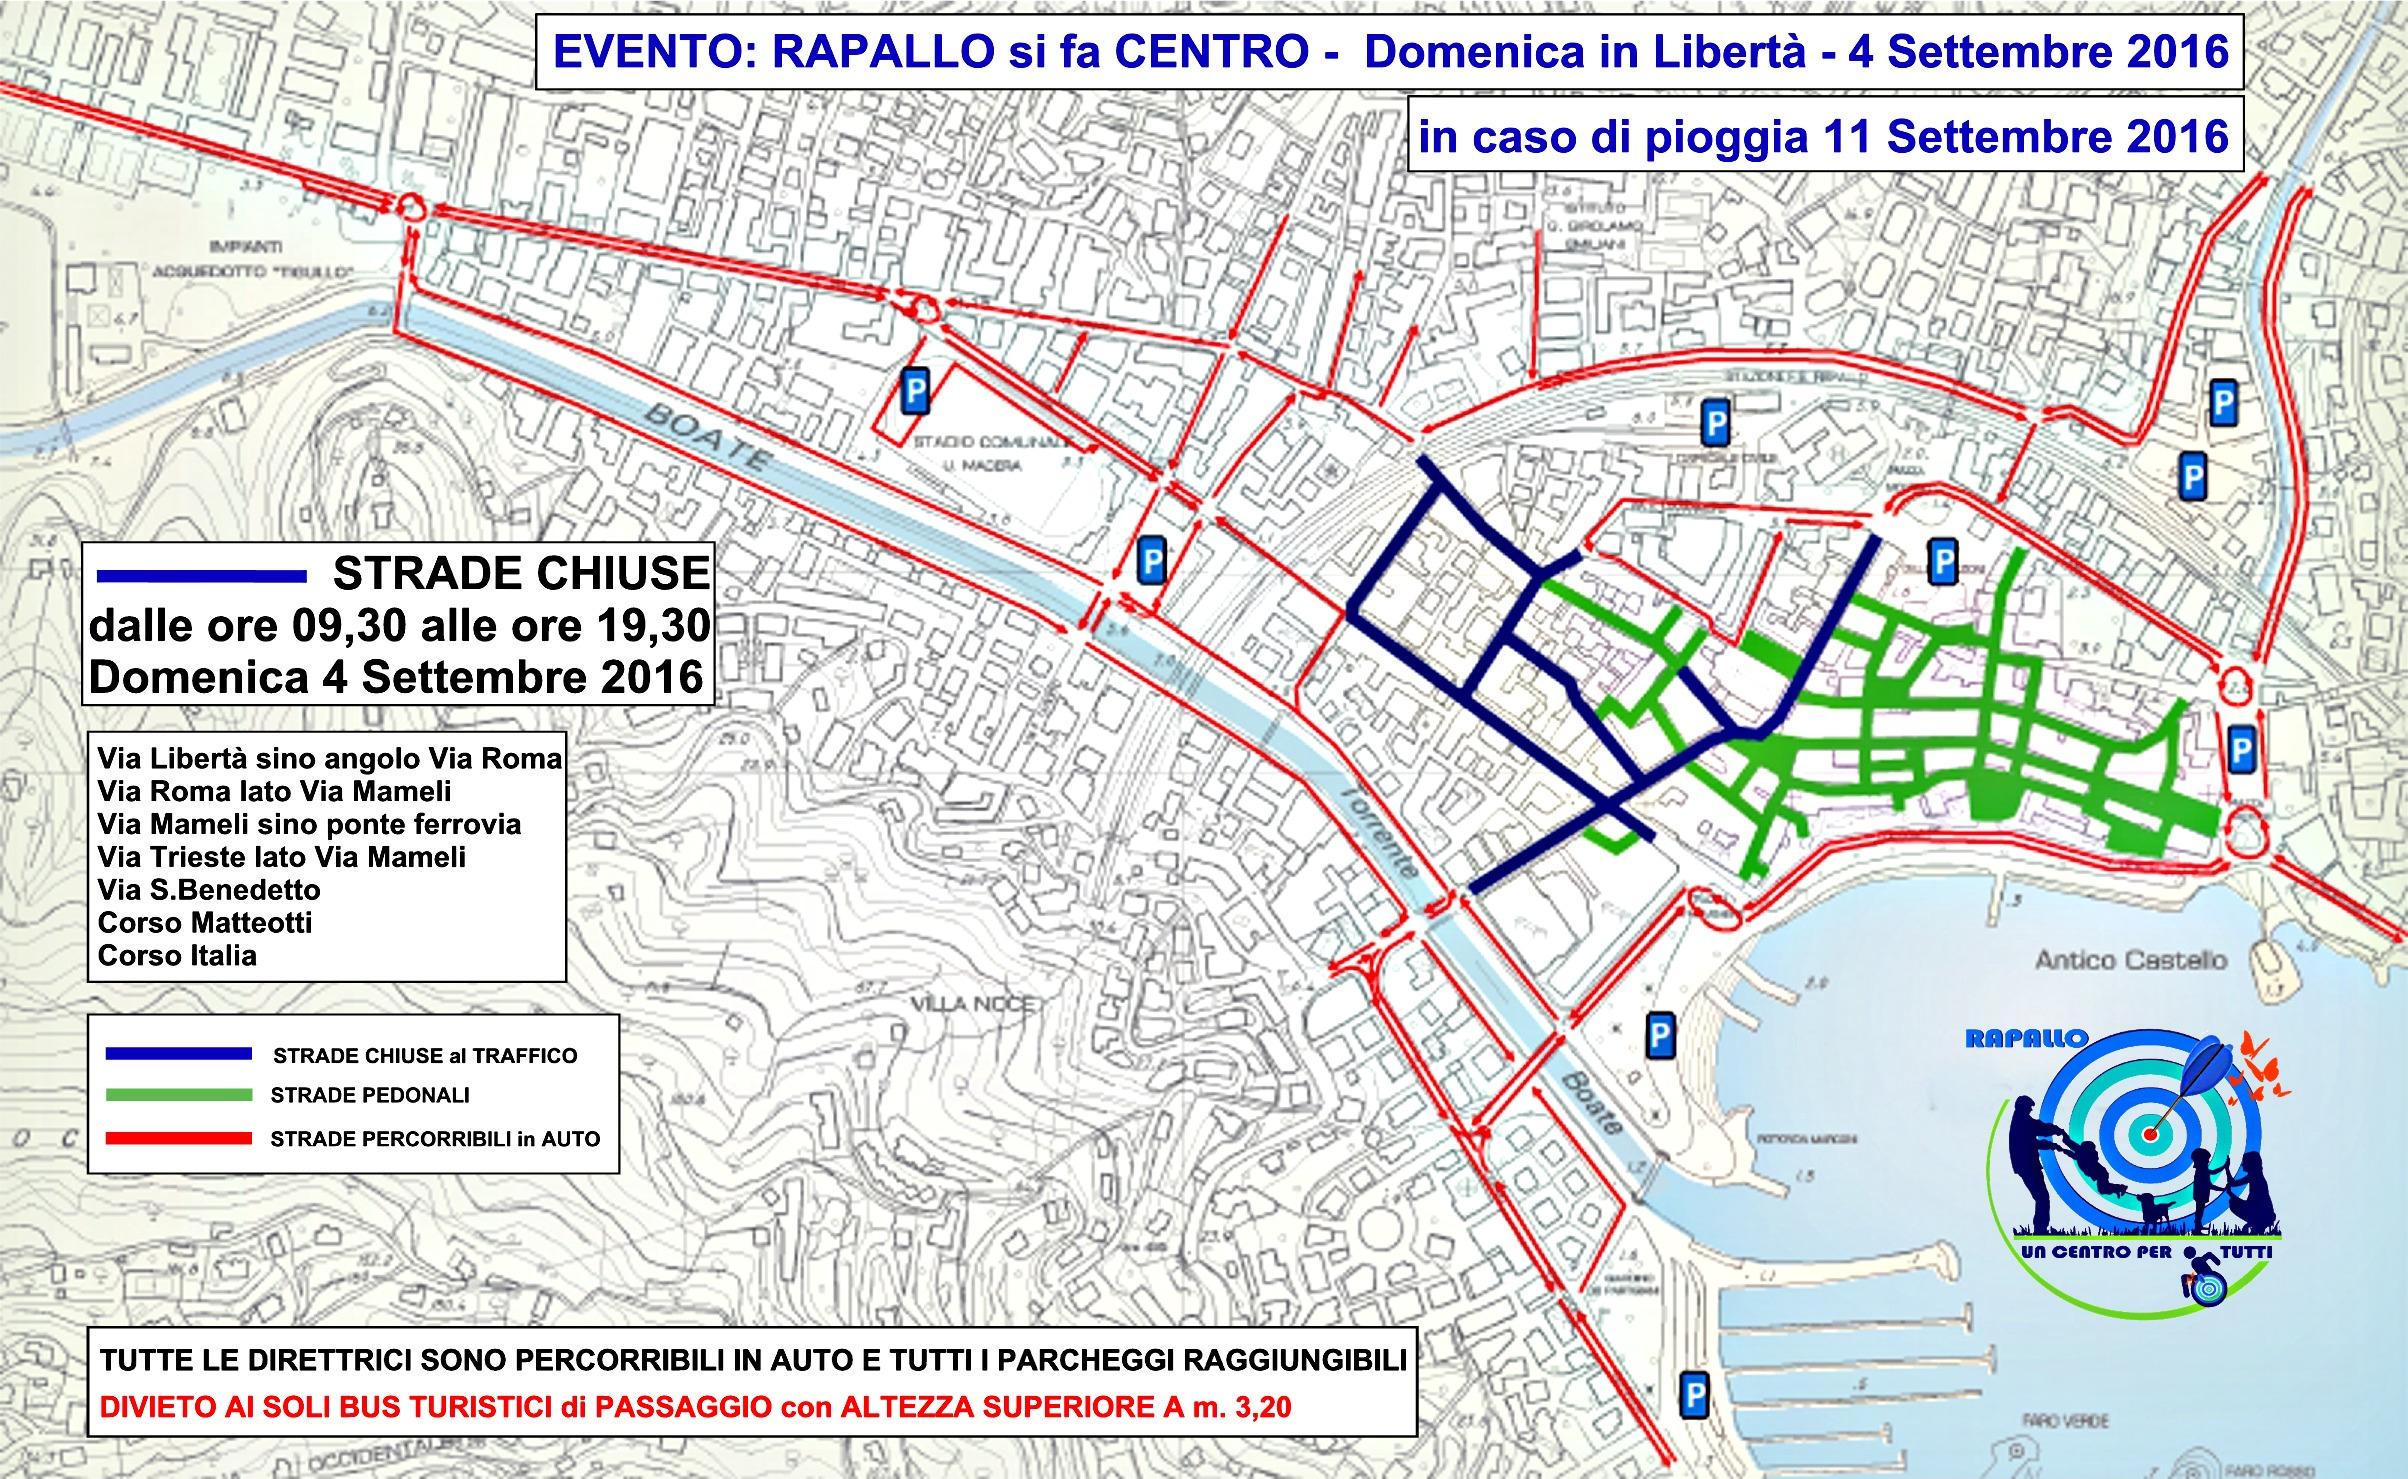 Rapallo_pianta_Città_chiusura_strade_evento_domenica_in_liberta_2016